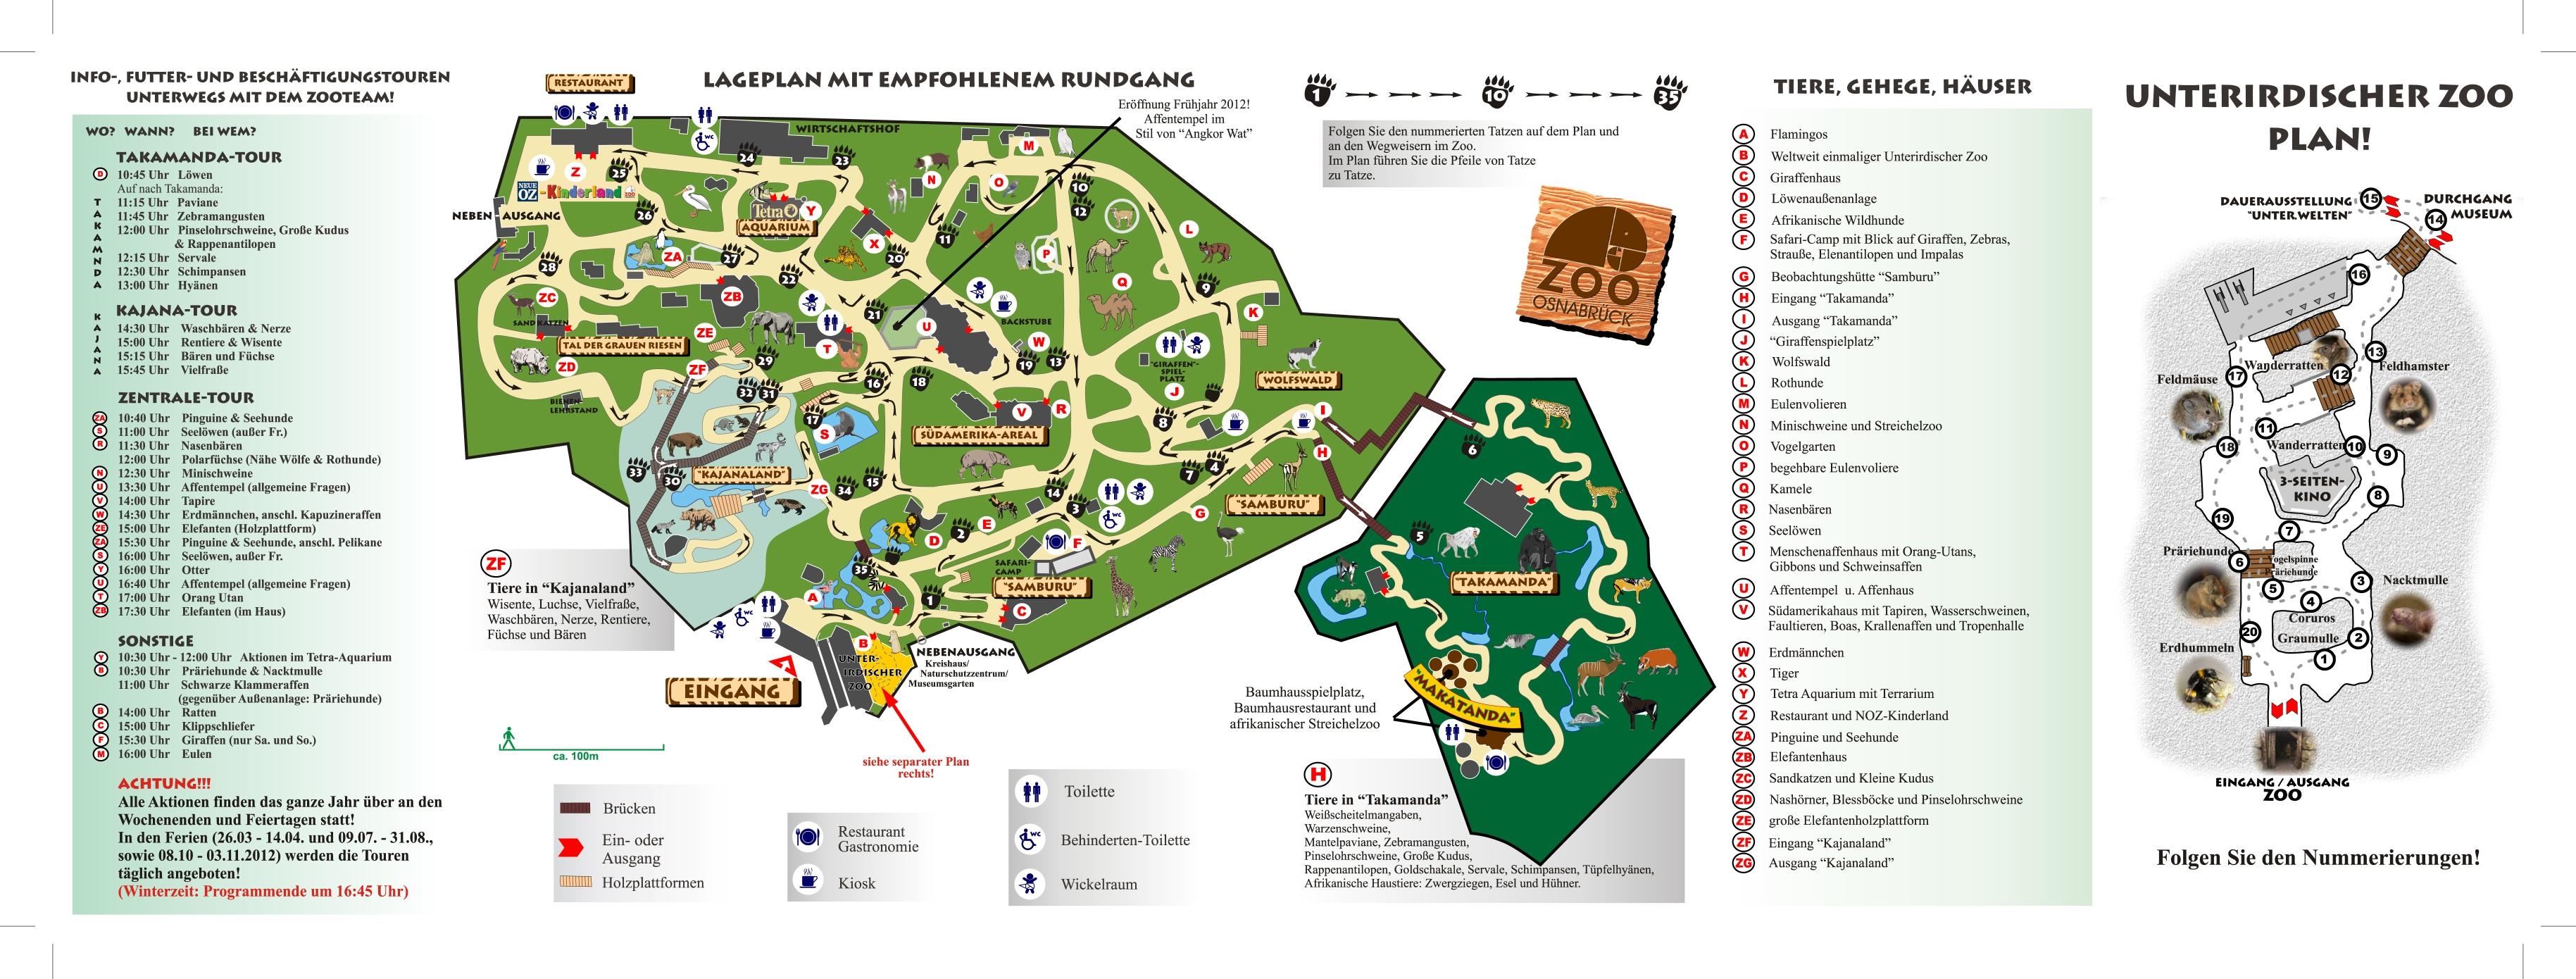 Zoos Osnabrck